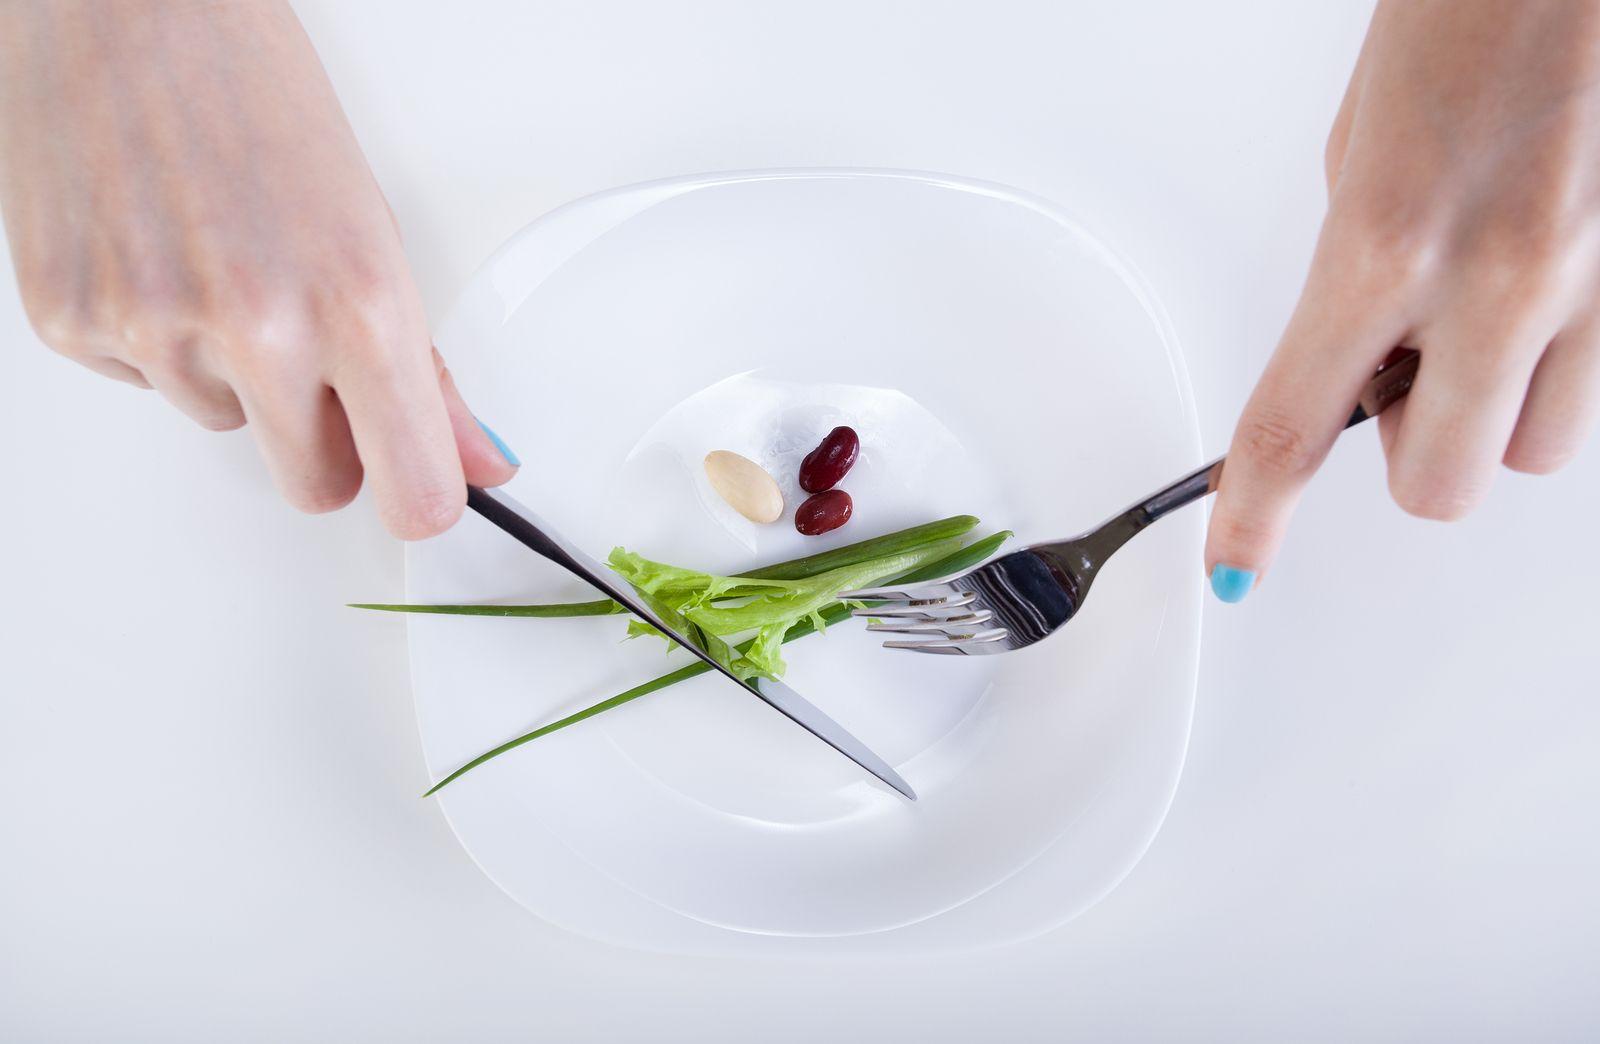 Kan je maag krimpen door minder te eten? http://www.gezond.be/kan-je-maag-krimpen-door-minder-te-eten/